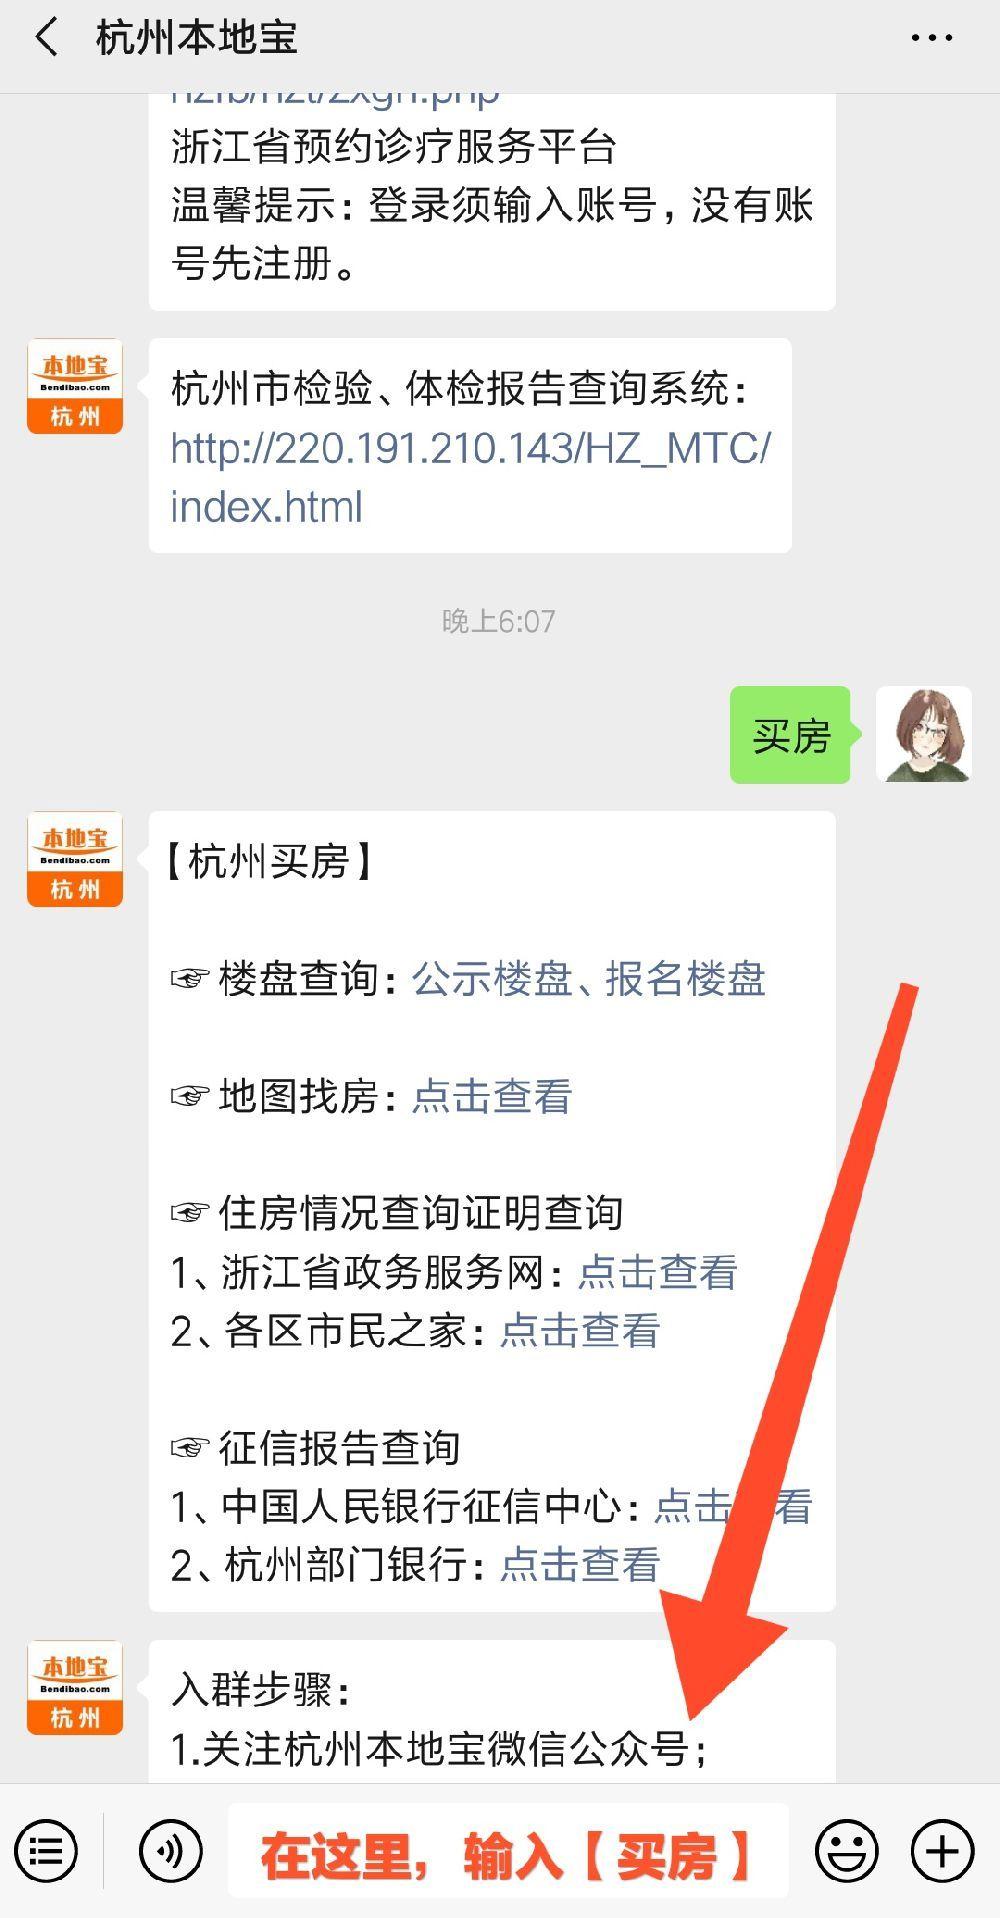 杭州无房户摇号政策